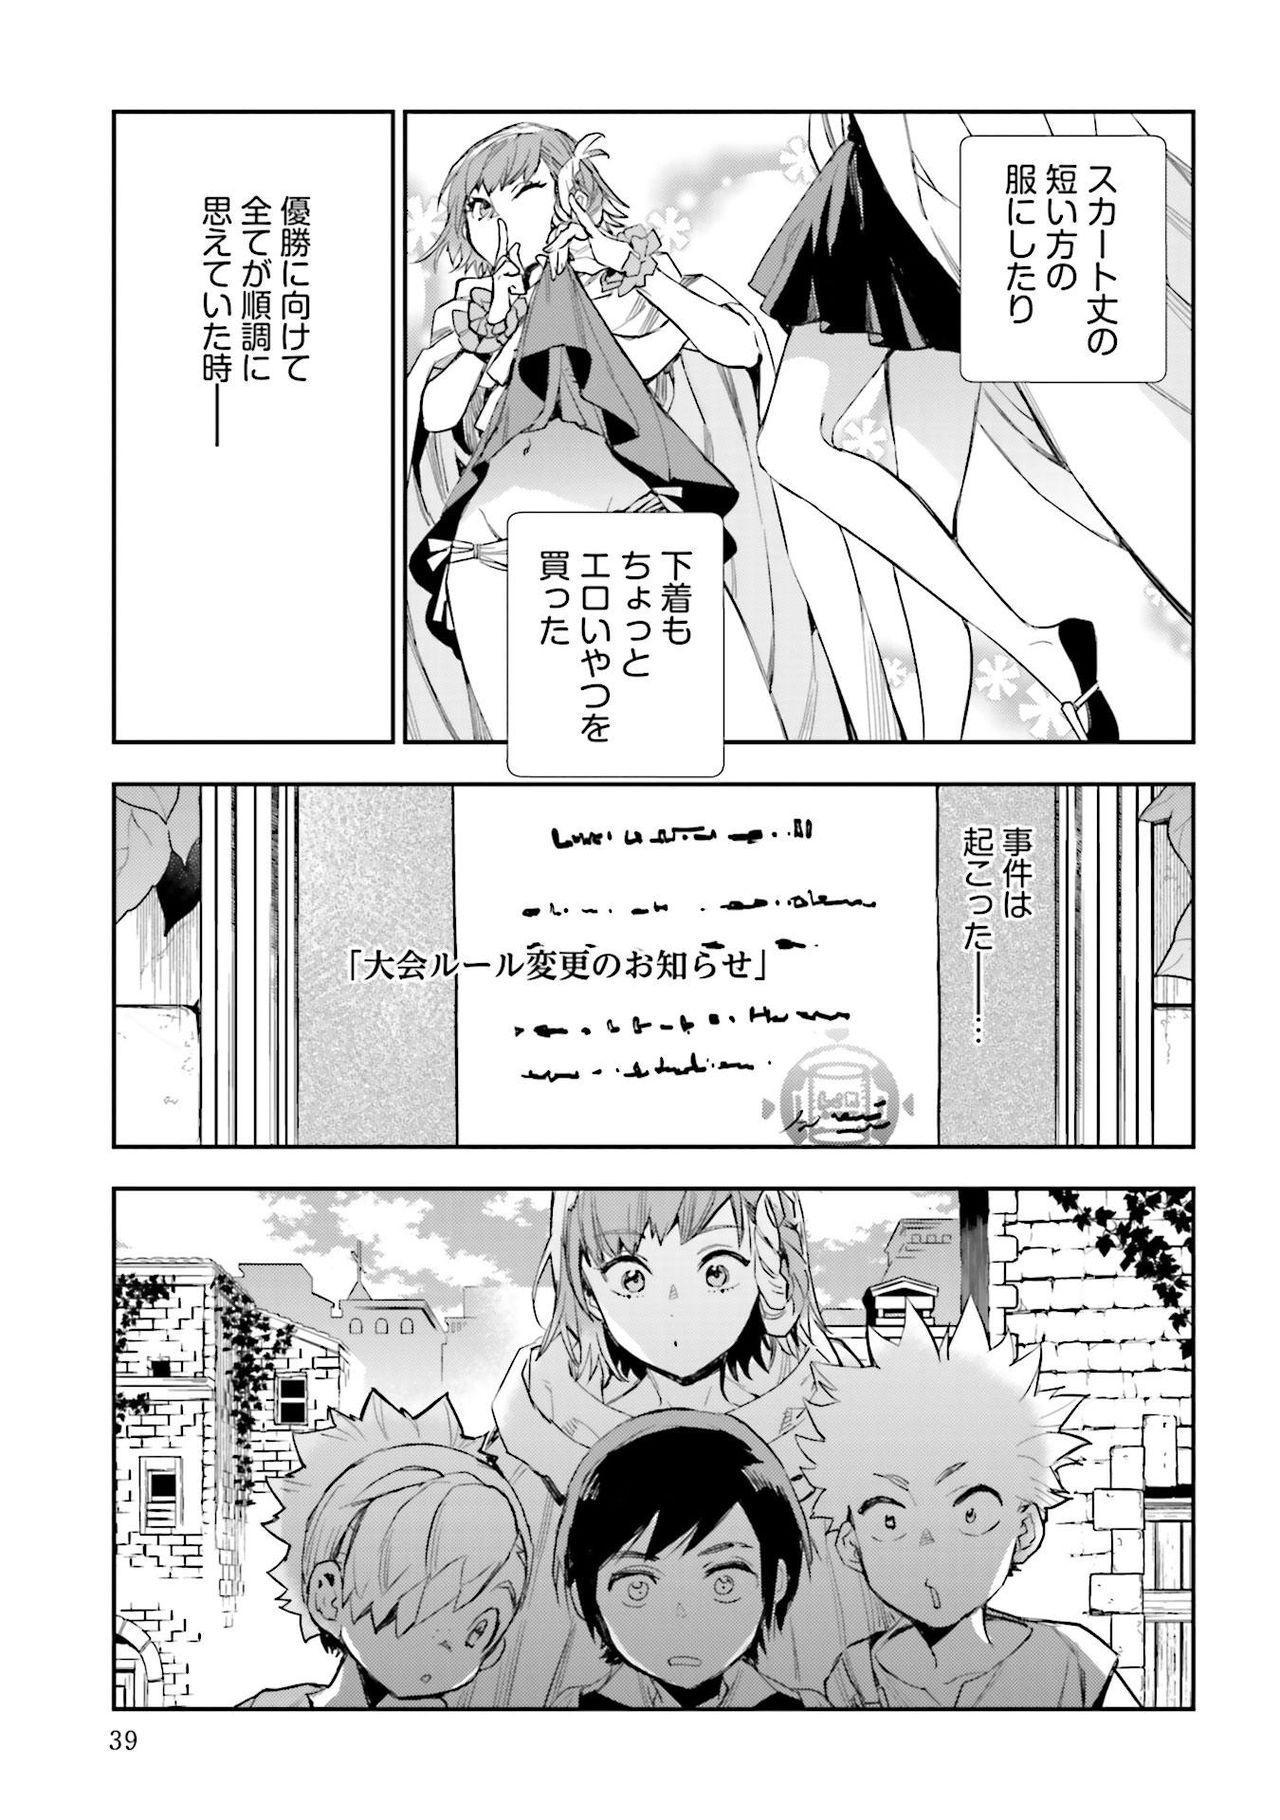 JK Haru wa Isekai de Shoufu ni Natta 1-14 398